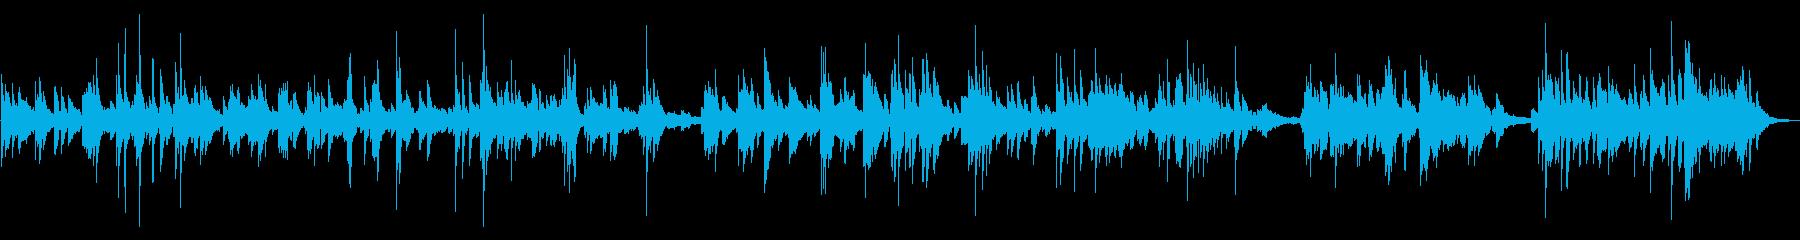 繊細なエレクトリックピアノでアコー...の再生済みの波形